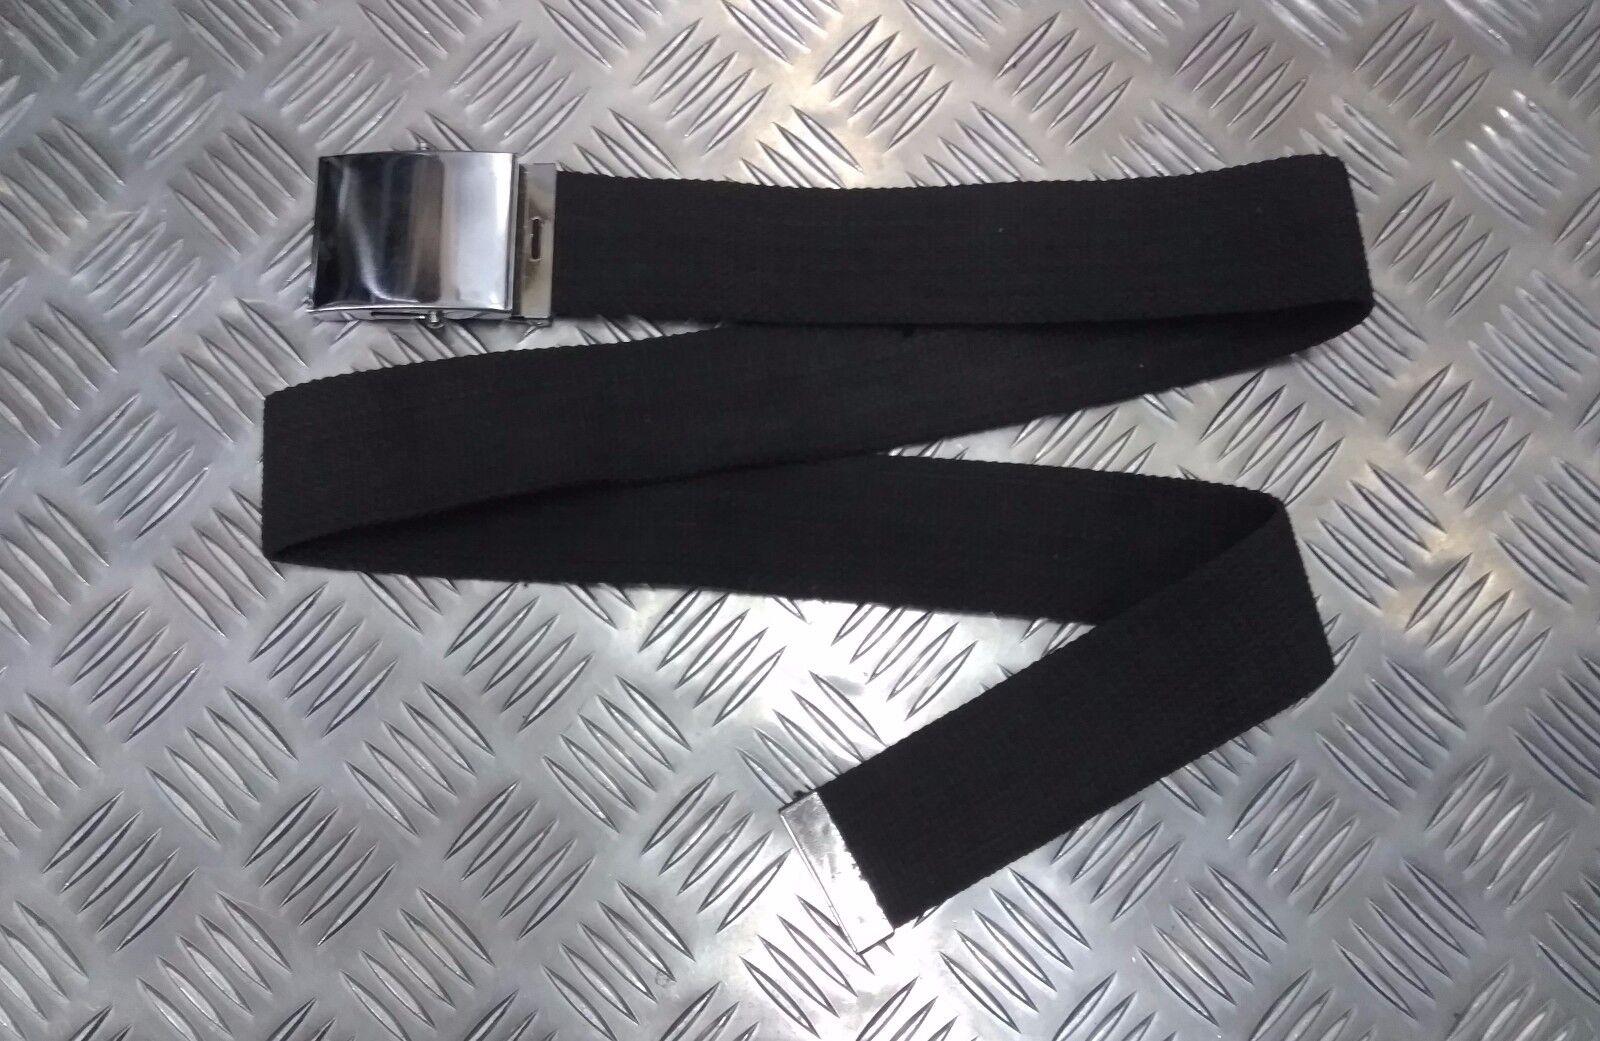 Militär Stil 5.1cm Leinen Web Rolle Schnalle Parade Hose Belt Unisex Alle Farben